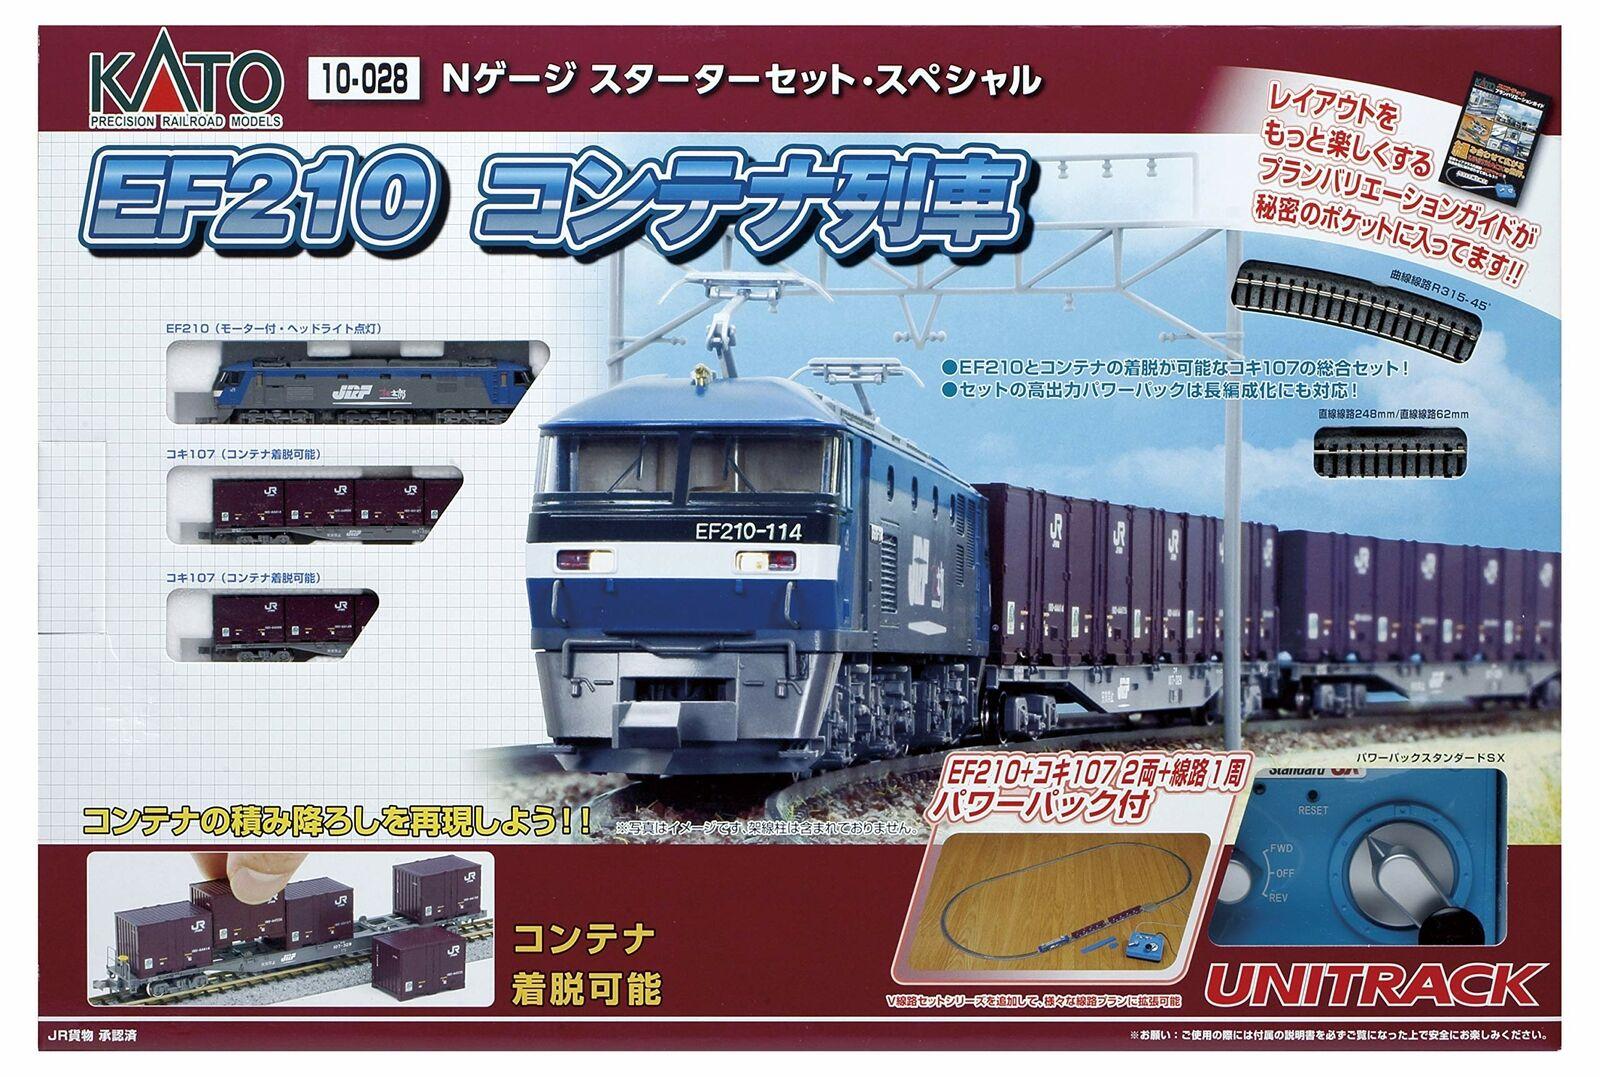 Kato Escala N EF210 y tren de contenedores Escala N Estrellater Set 10-028